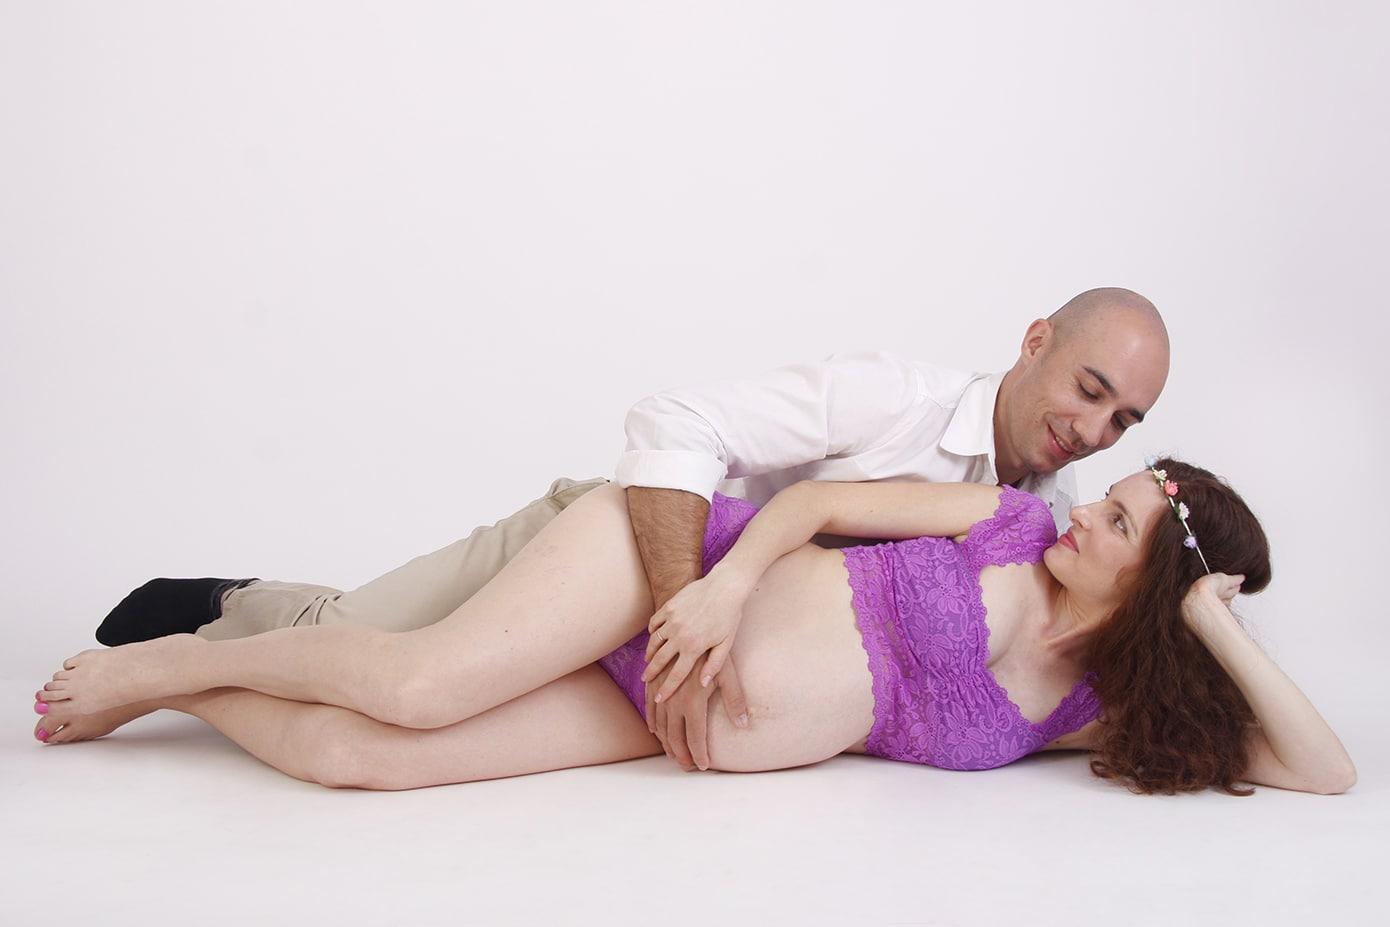 צילומי היריון משפחת קויפמן סטודיו גיל לוין (3)